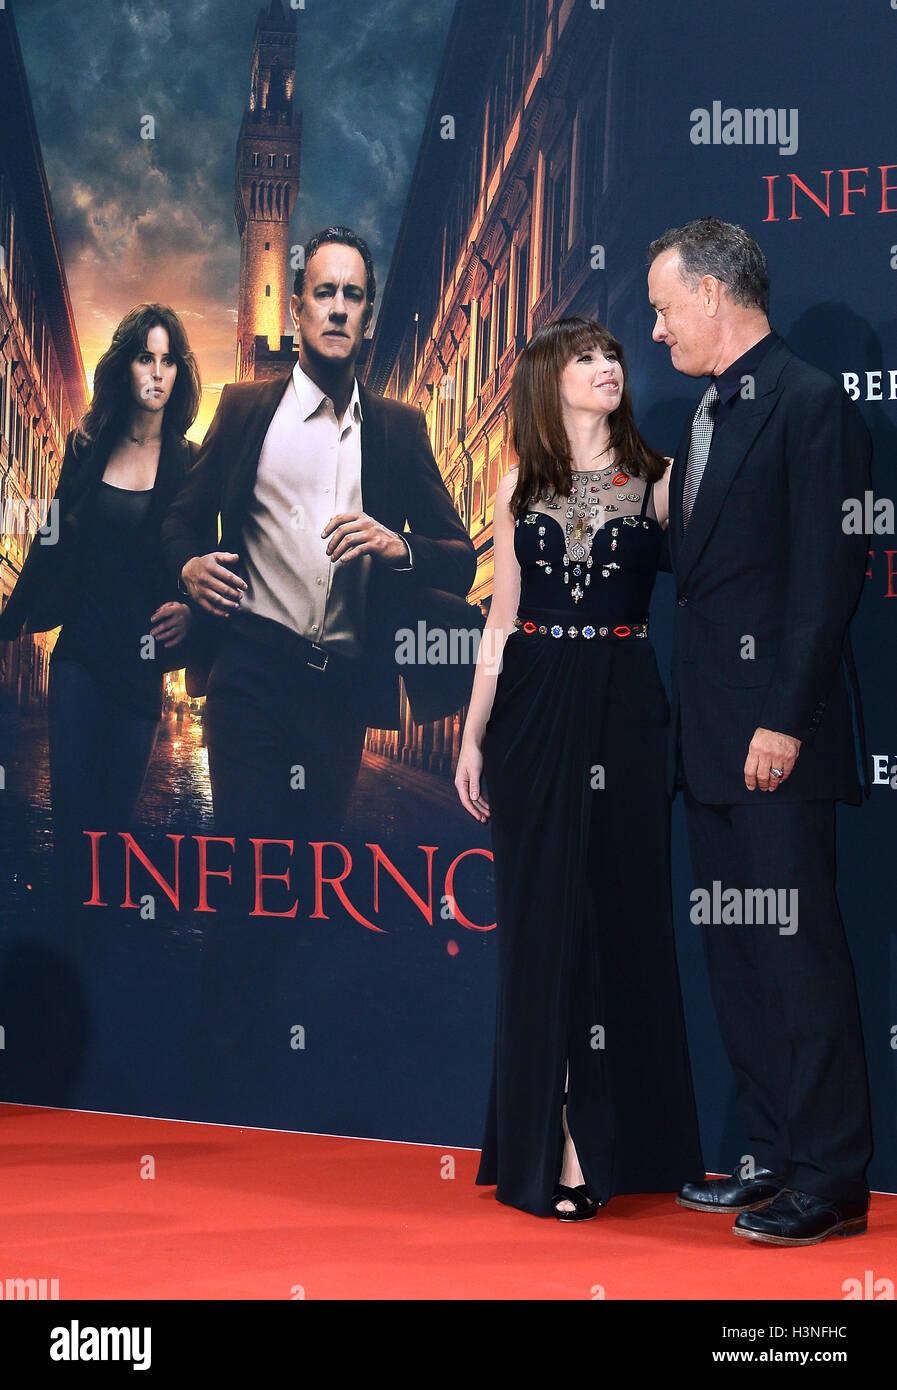 Berlin, Allemagne. 10 Oct, 2016. L'actrice britannique Felicity Jones (L) et l'acteur américain Tom Photo Stock